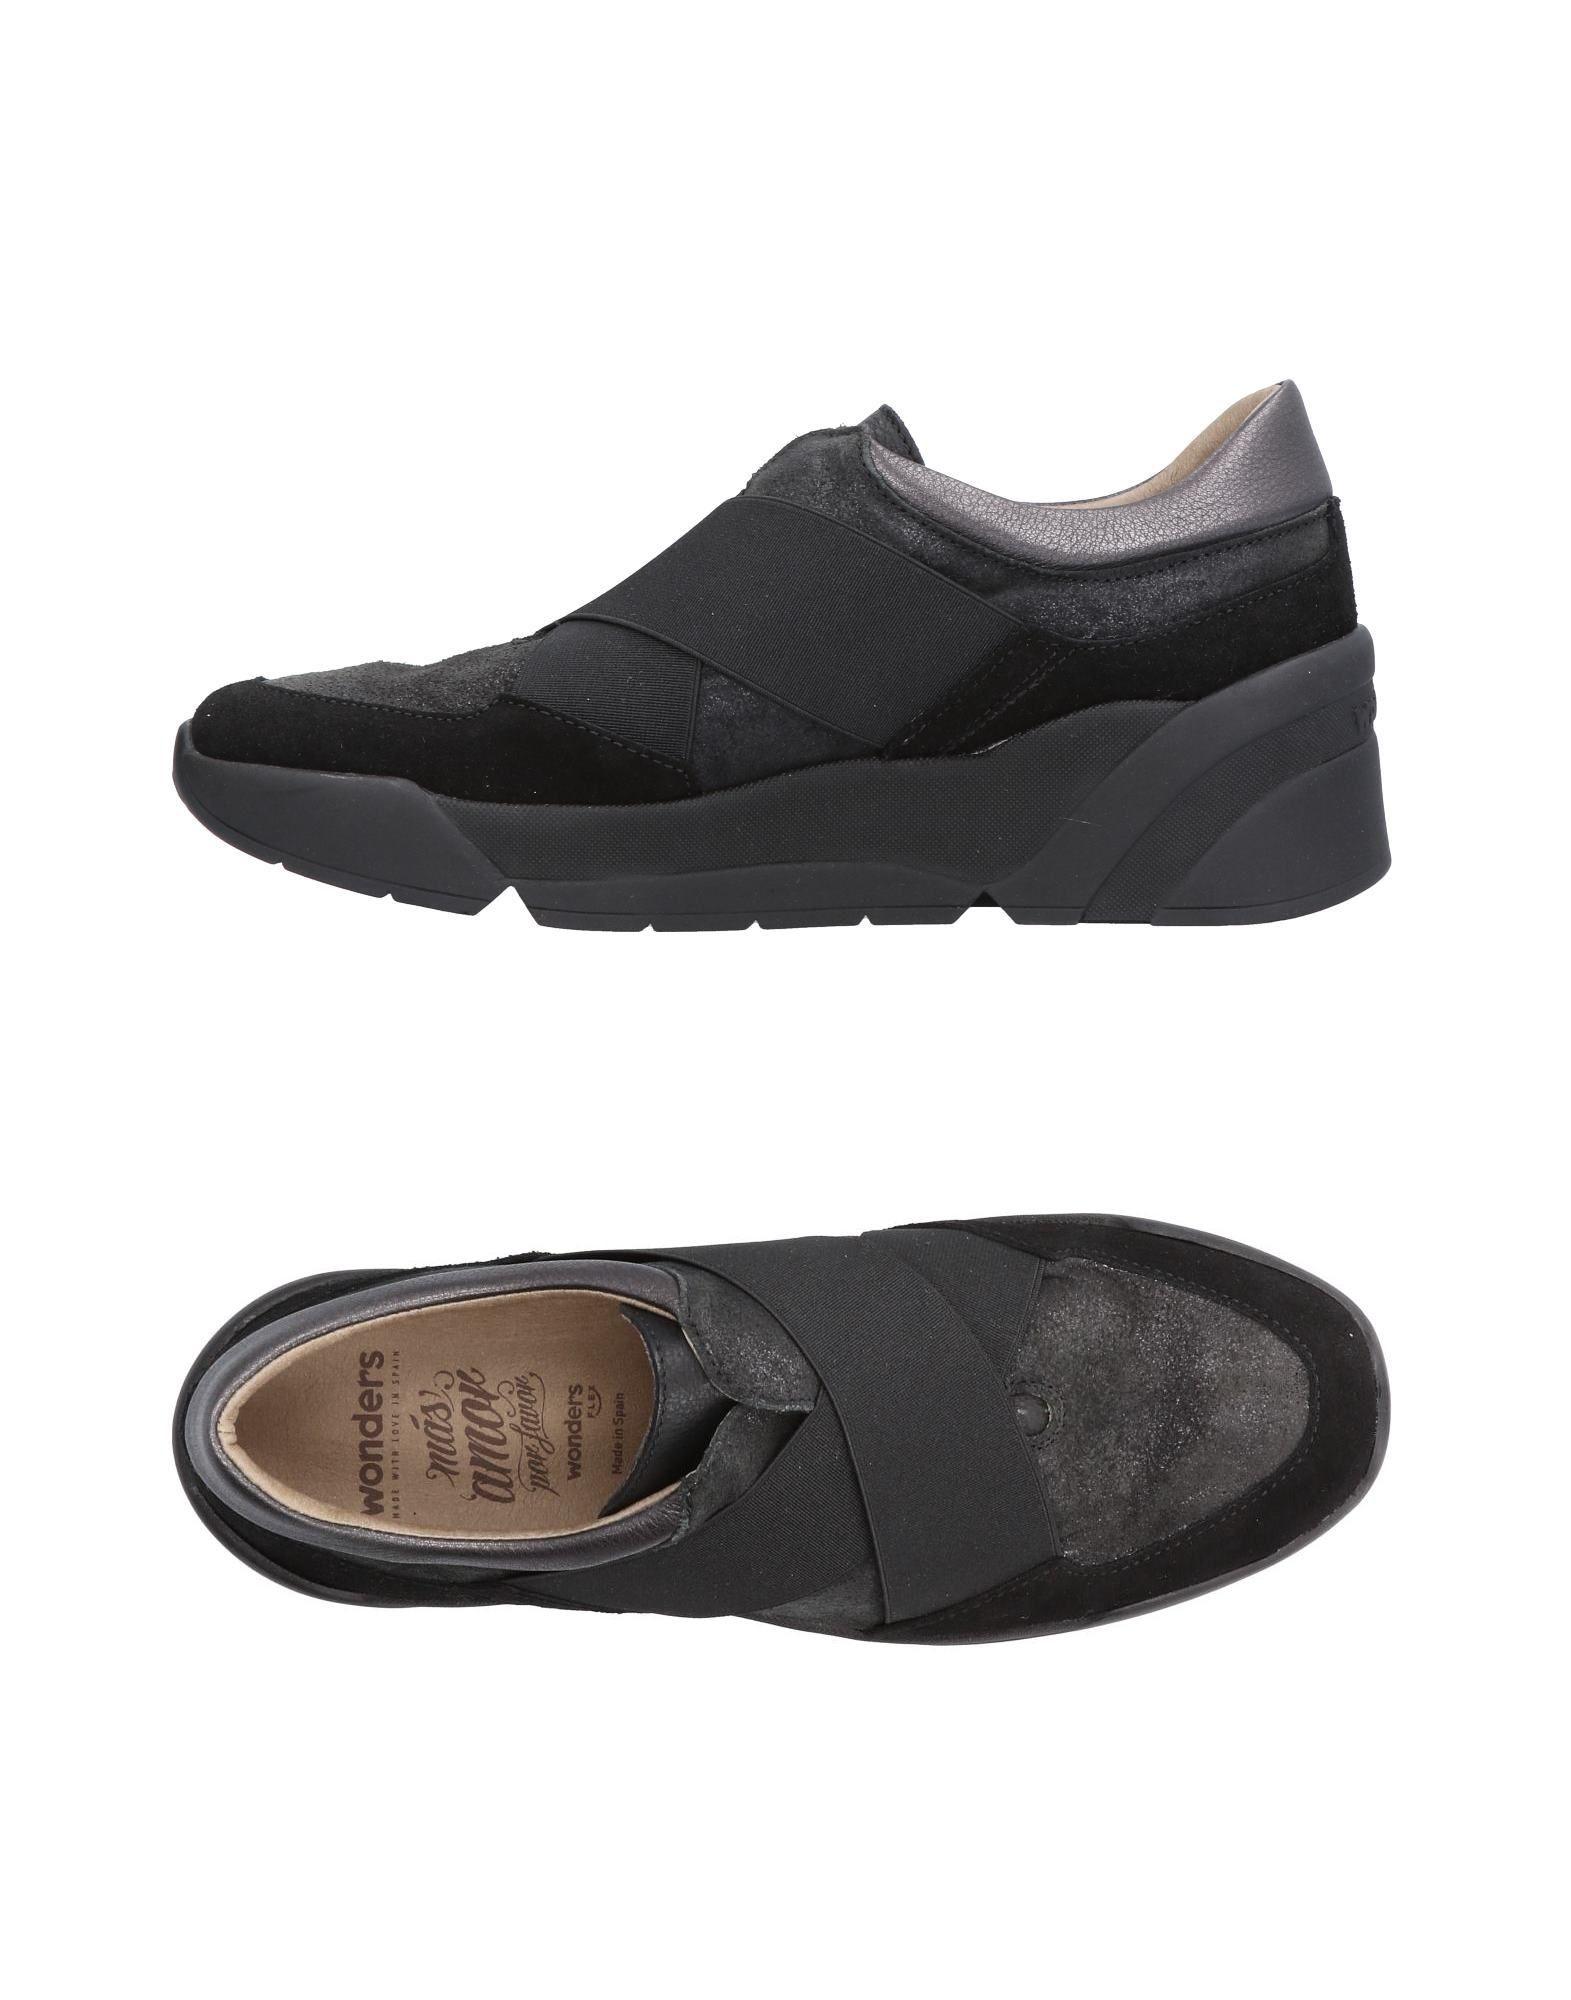 Moda 11481988DO Sneakers Wonders Donna - 11481988DO Moda c177a4